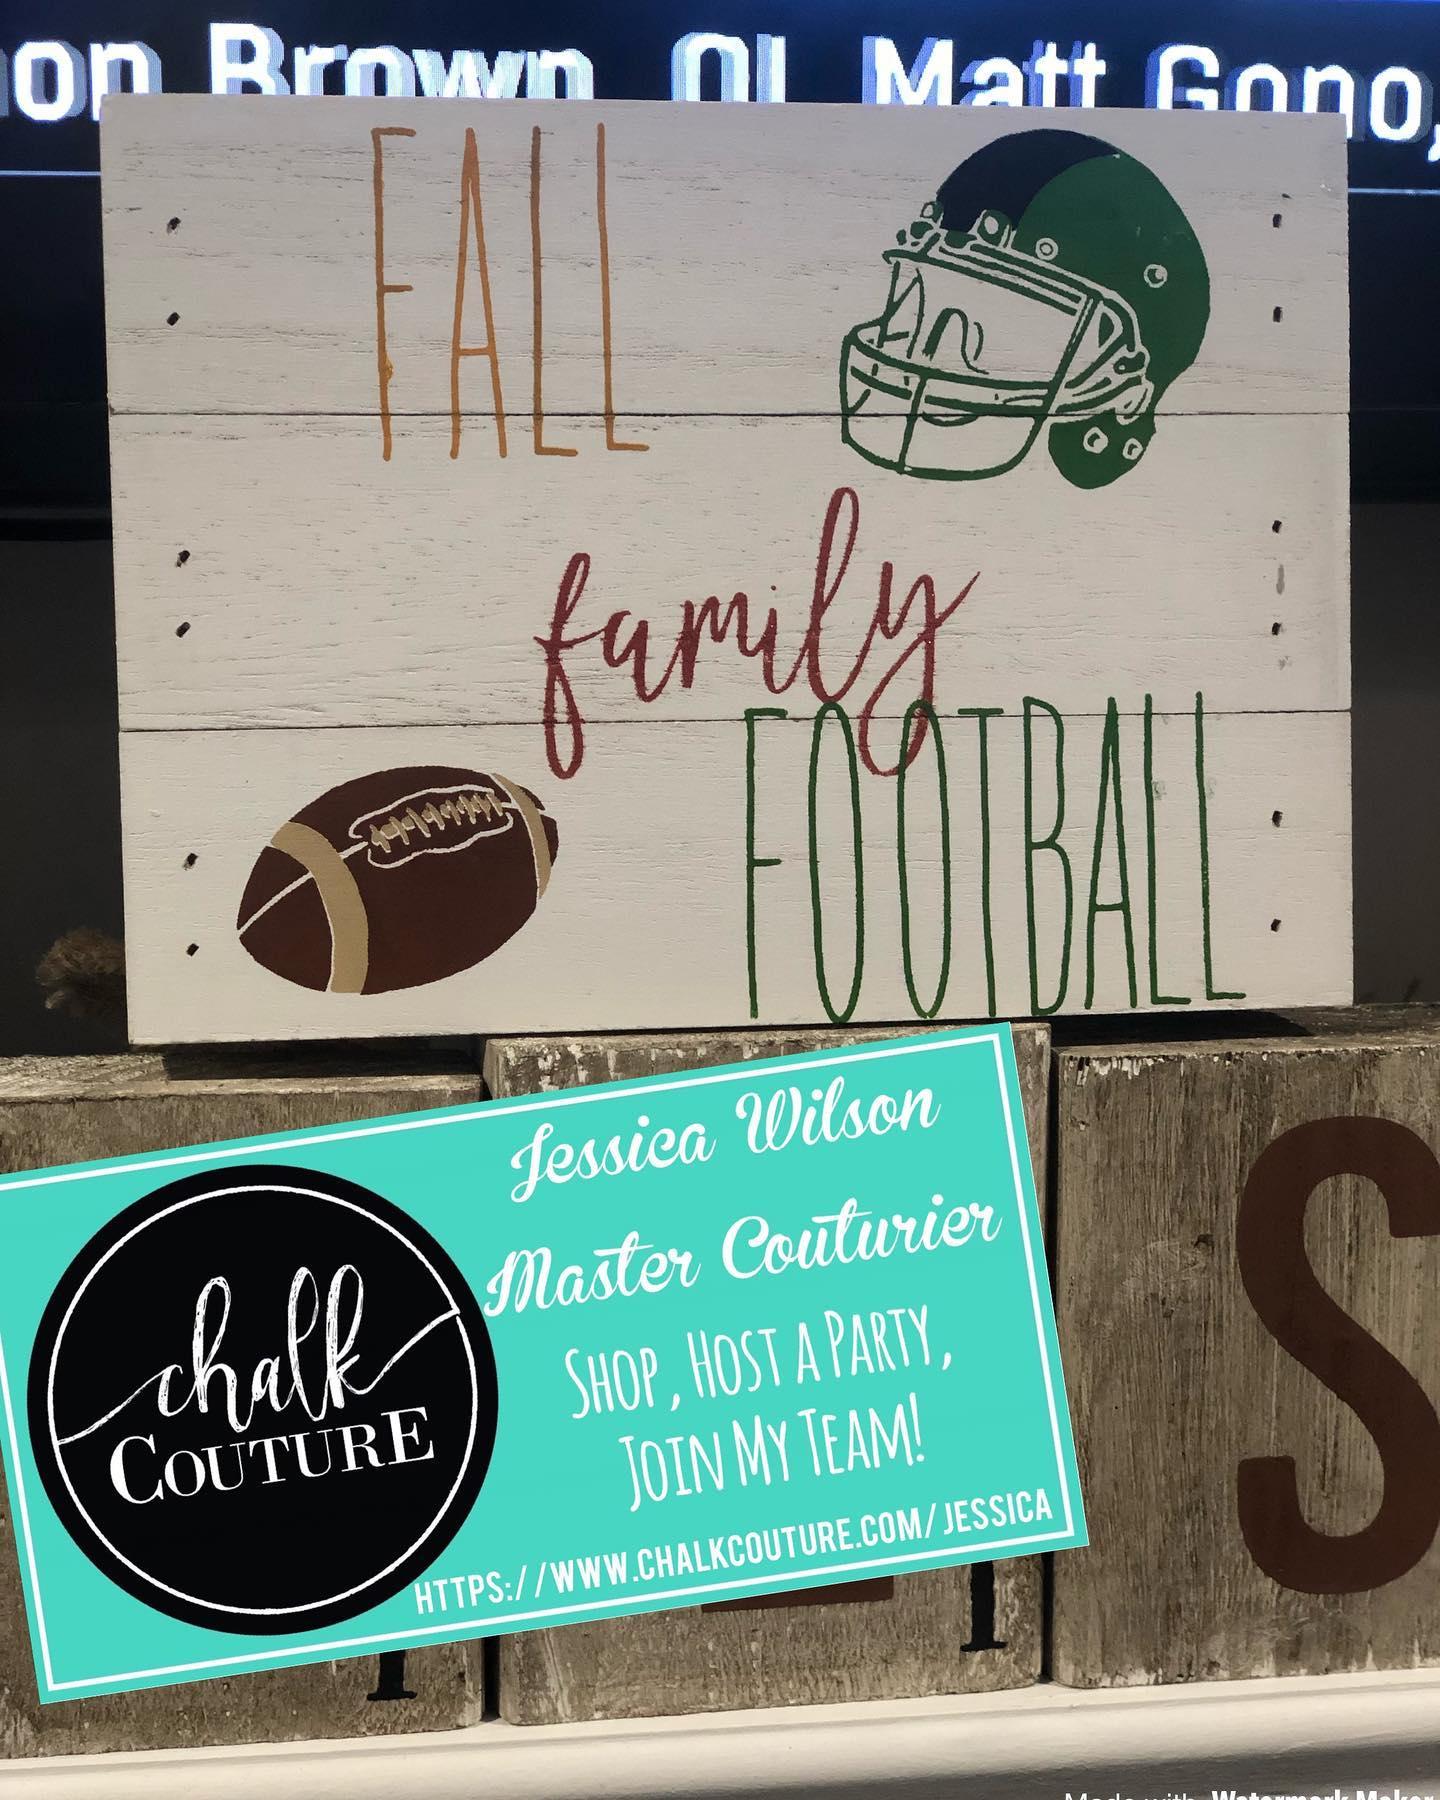 Fall Family Football